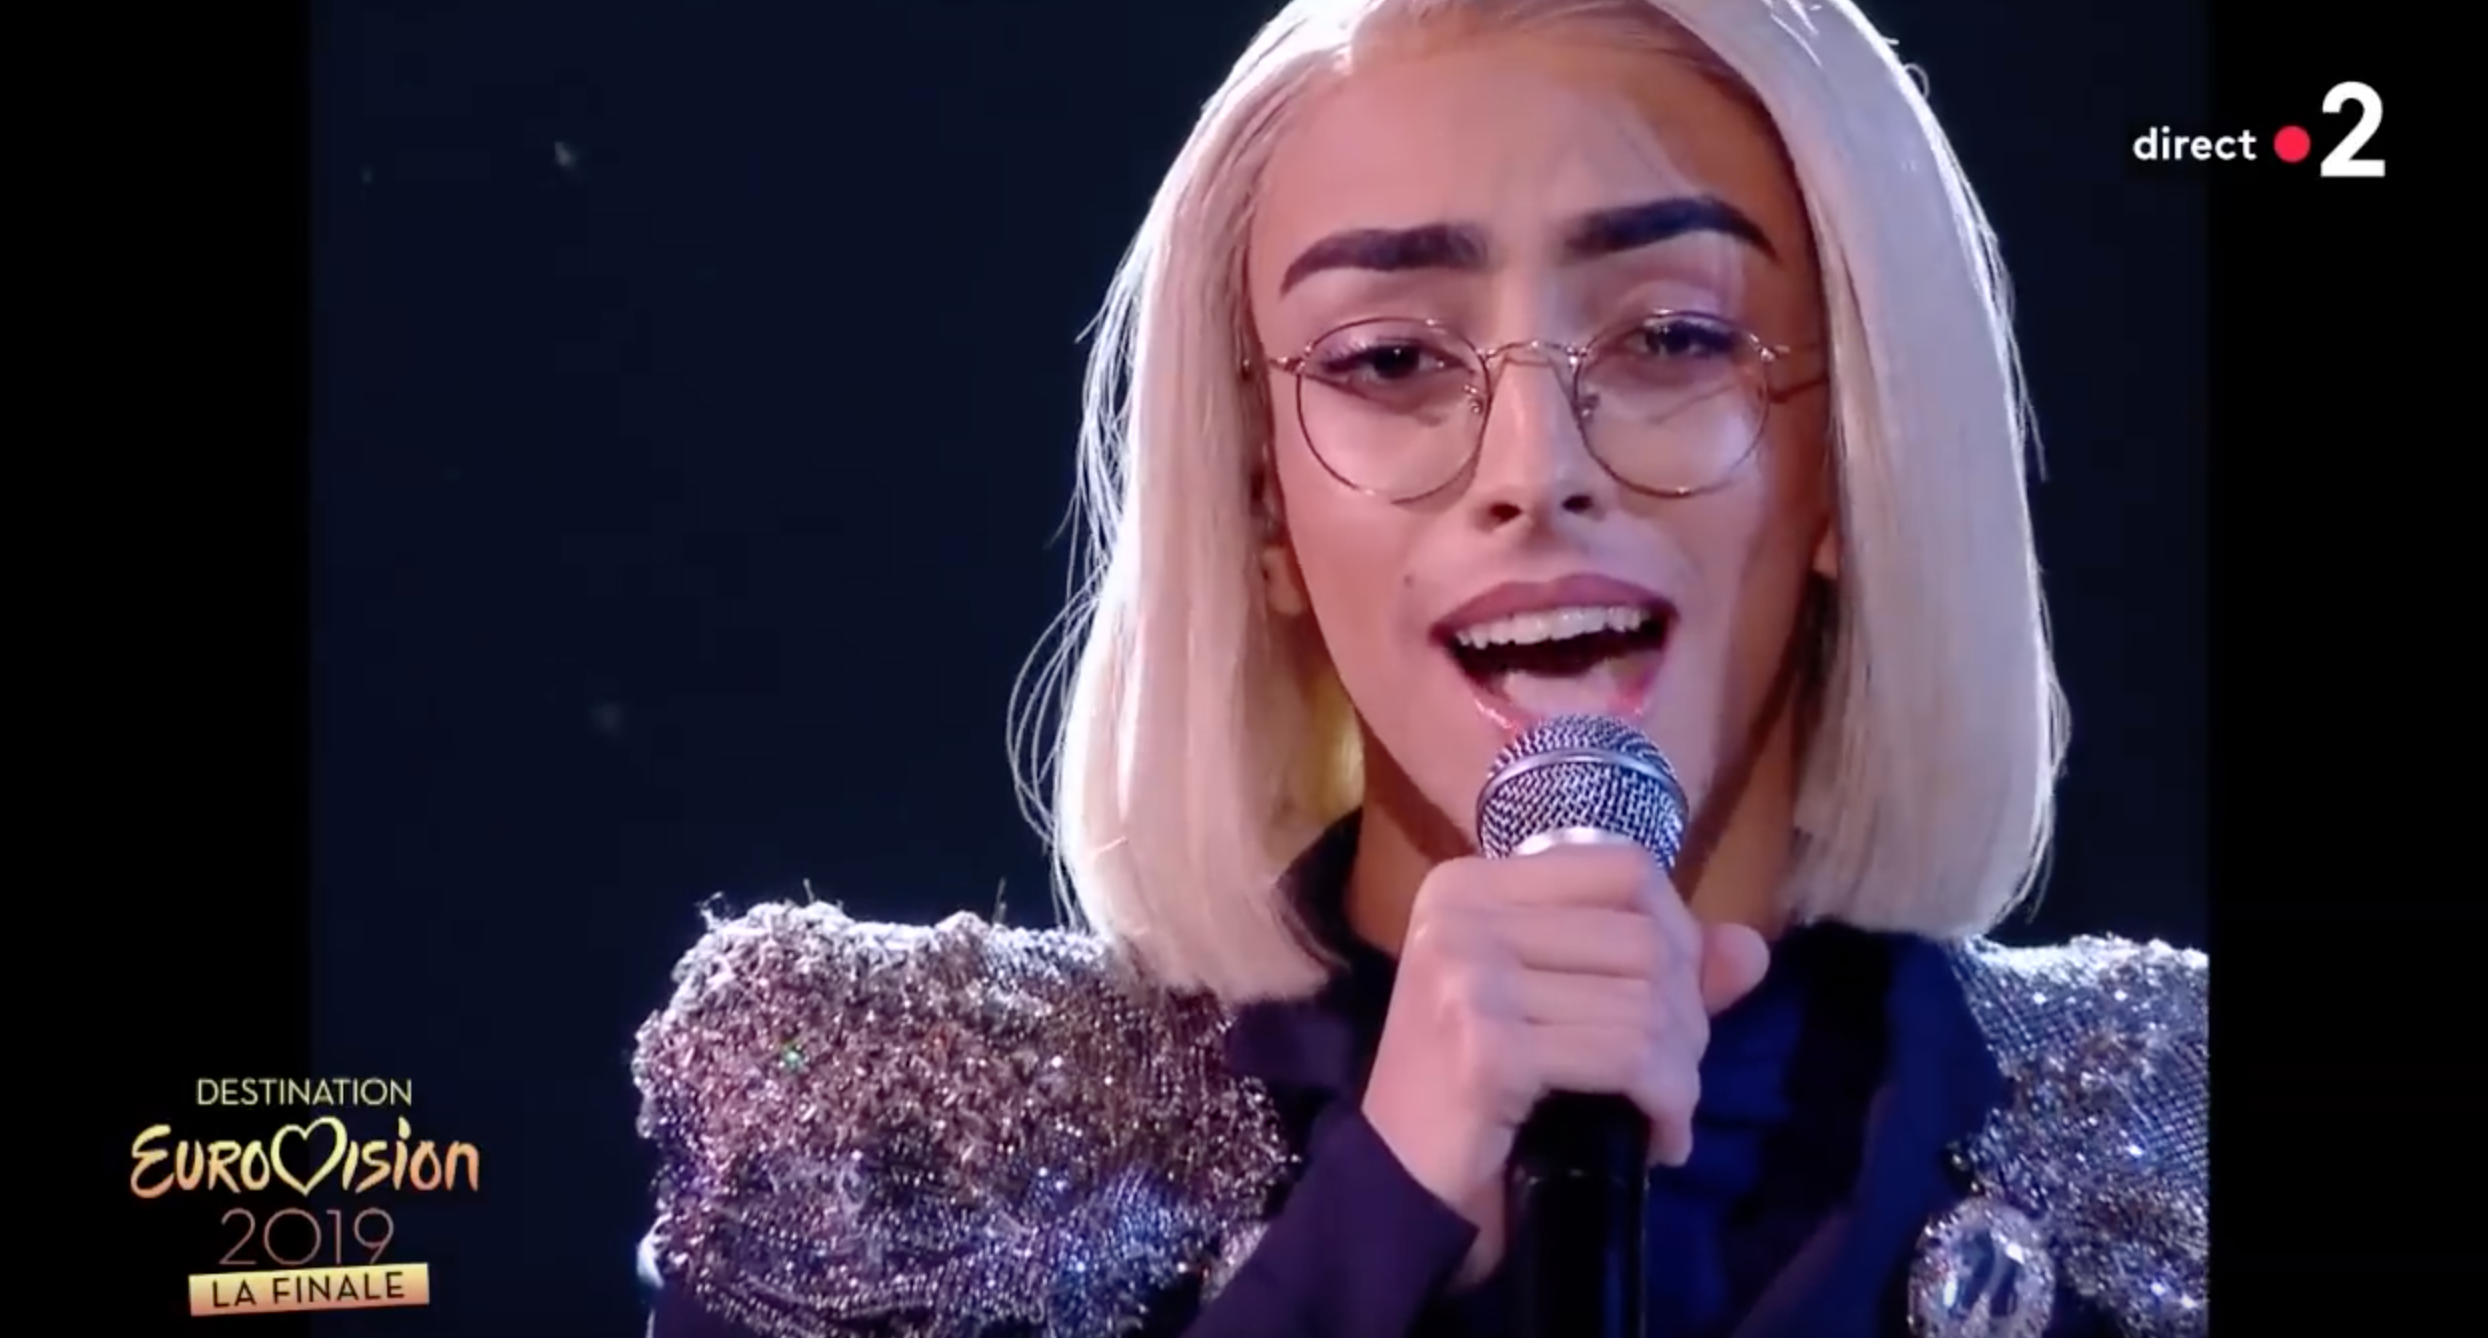 Bilal Hassani aux chiottes ! A  l'Eurovision le baissage de culottes continue